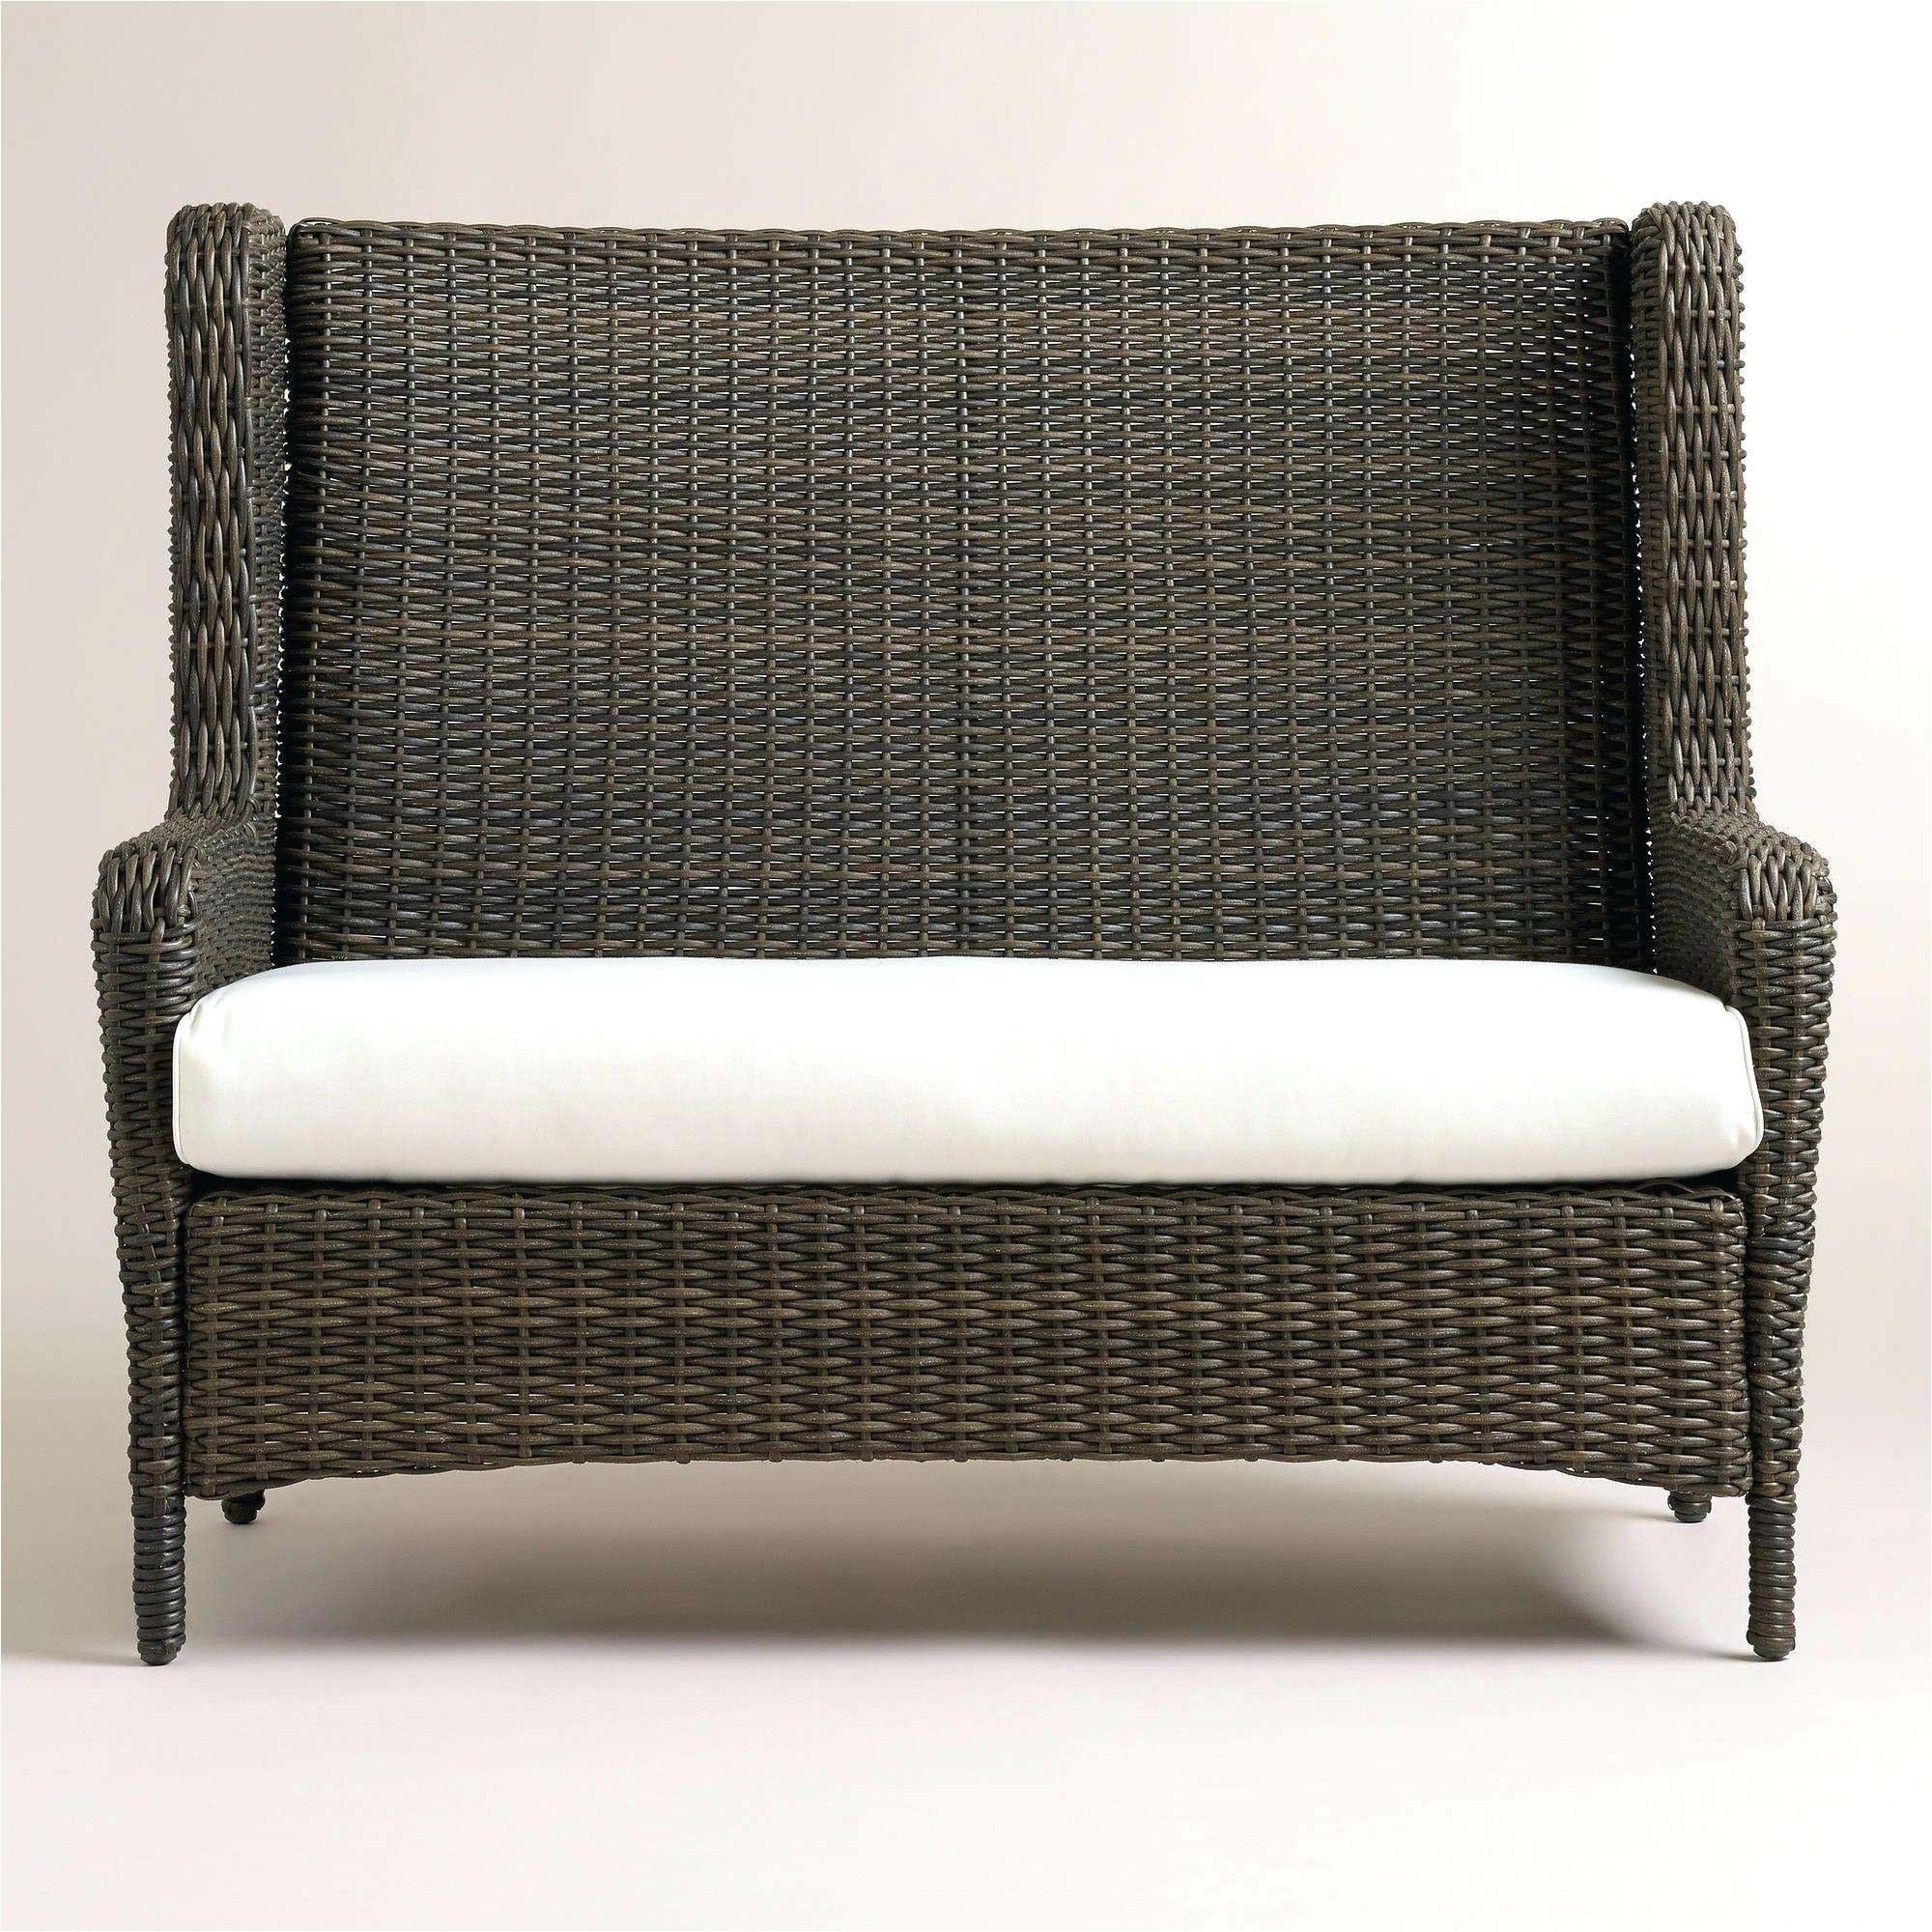 Outdoor Papasan Chair Cushion Unique Wicker Sofa 0d Patio Chairs